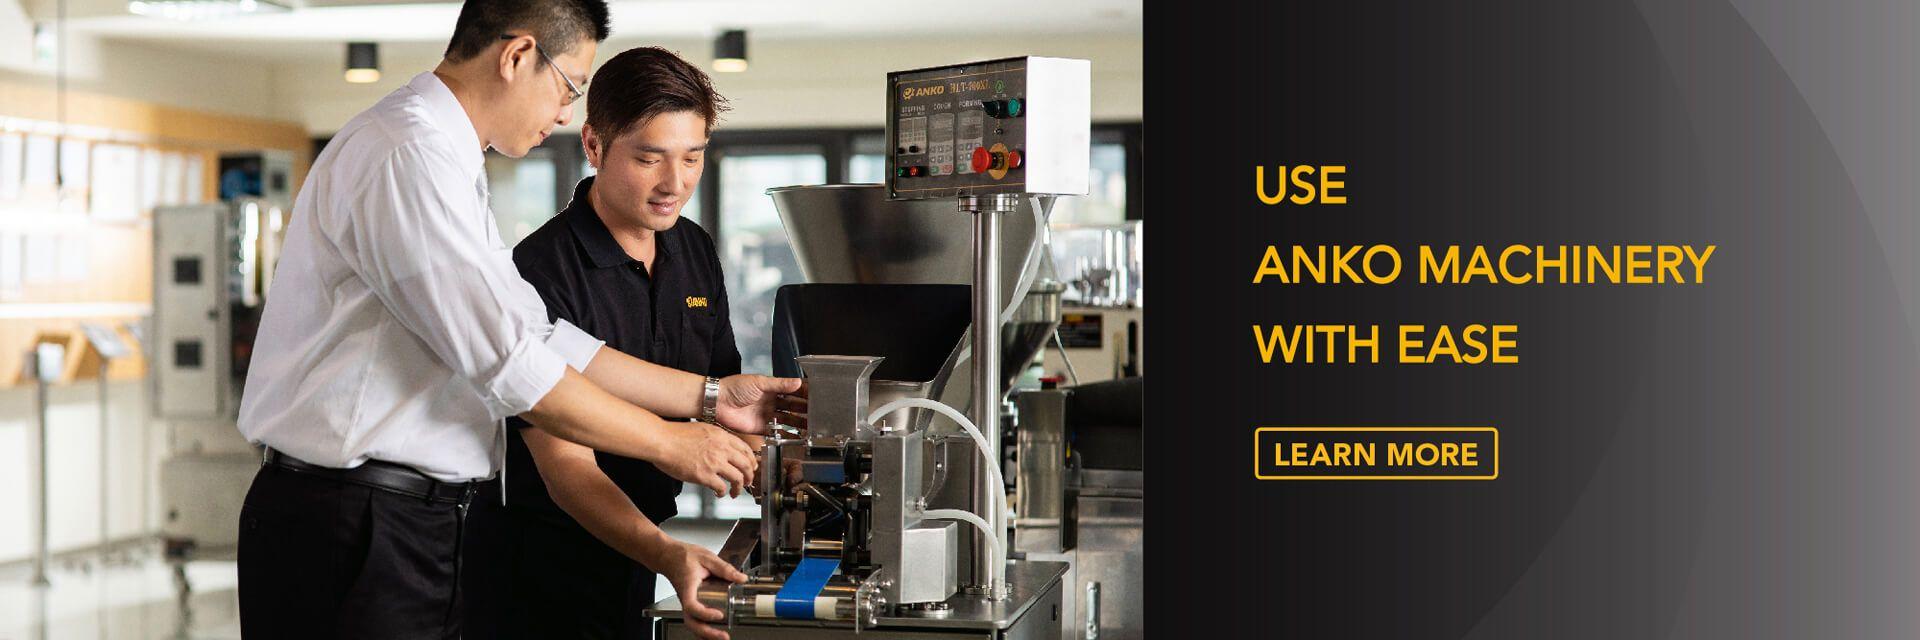 Sprzęt produkcyjny to człowiek po prawej stronie, aby zwiększyć wydajność.  Przyjazny dla użytkownika projekt ANKO Machinery ma pomóc w tworzeniu większej wartości między maszynami spożywczymi a użytkownikami.